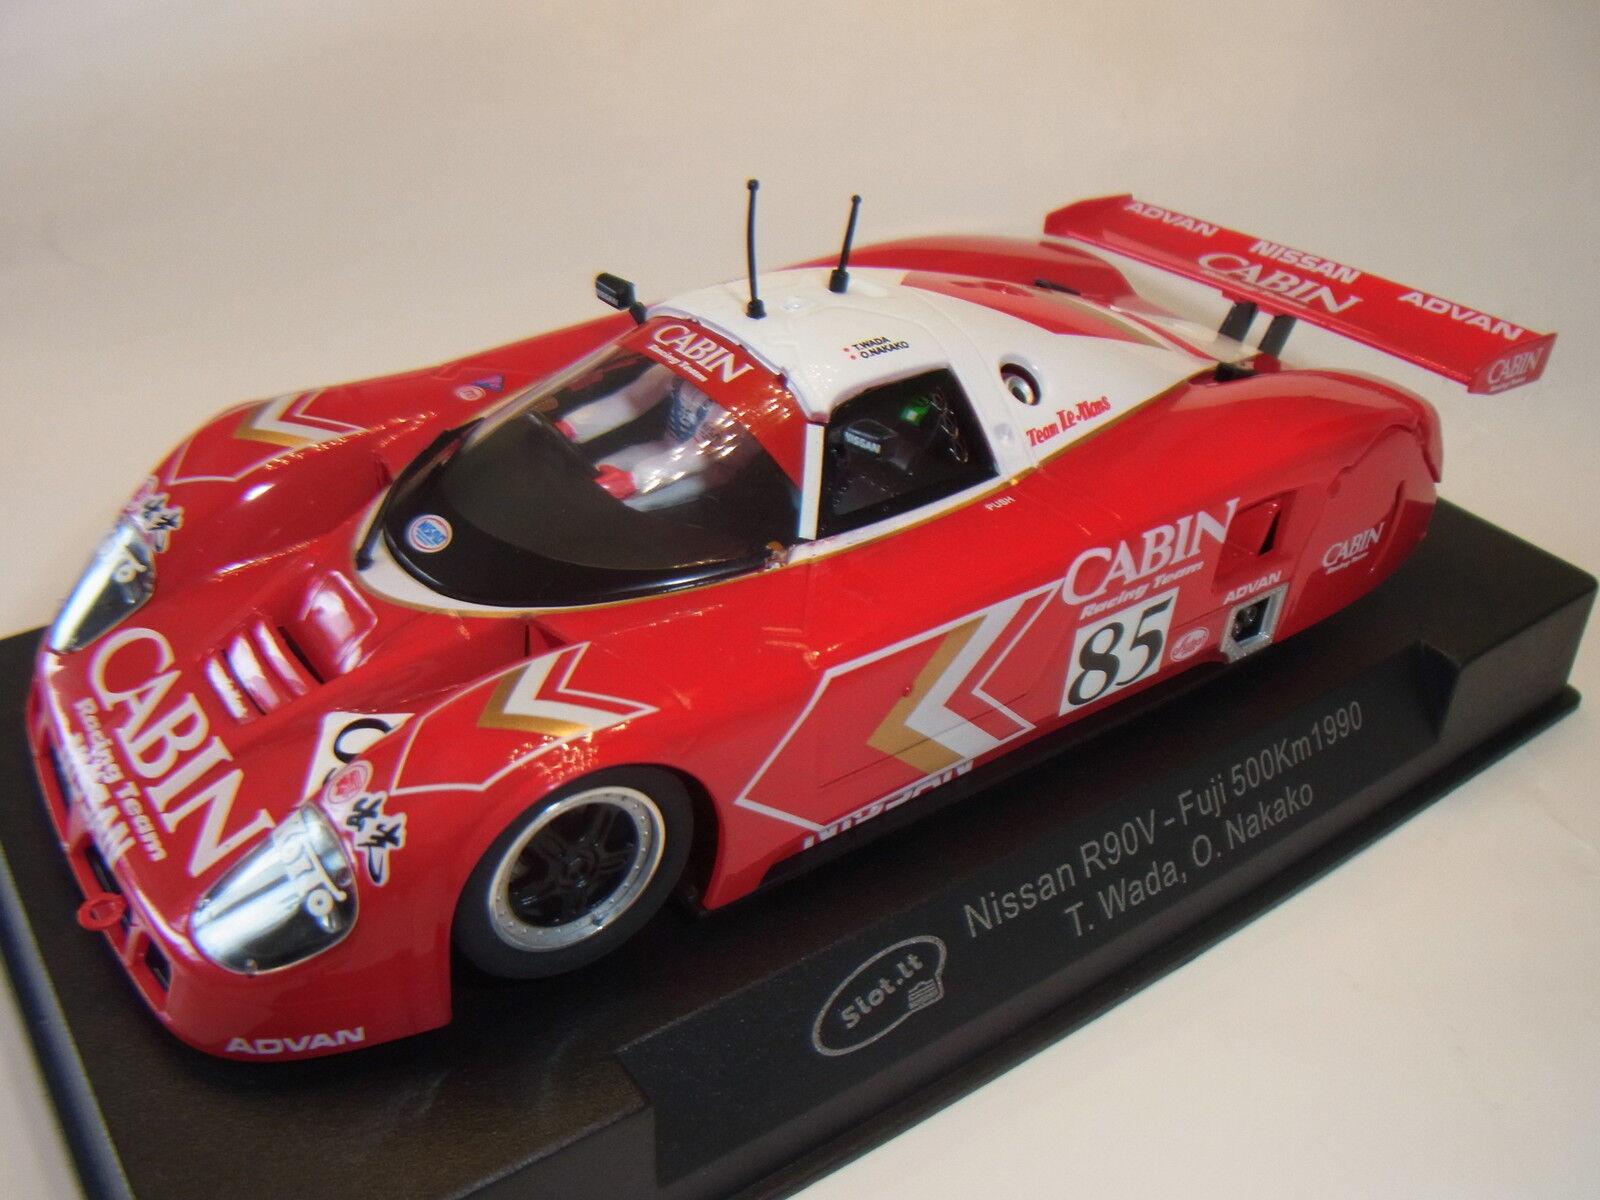 servicio de primera clase Slot  Nissan R90V Suzuka Suzuka Suzuka 1990 SICA28C para Circuito de Slot 1  3 2  a la venta